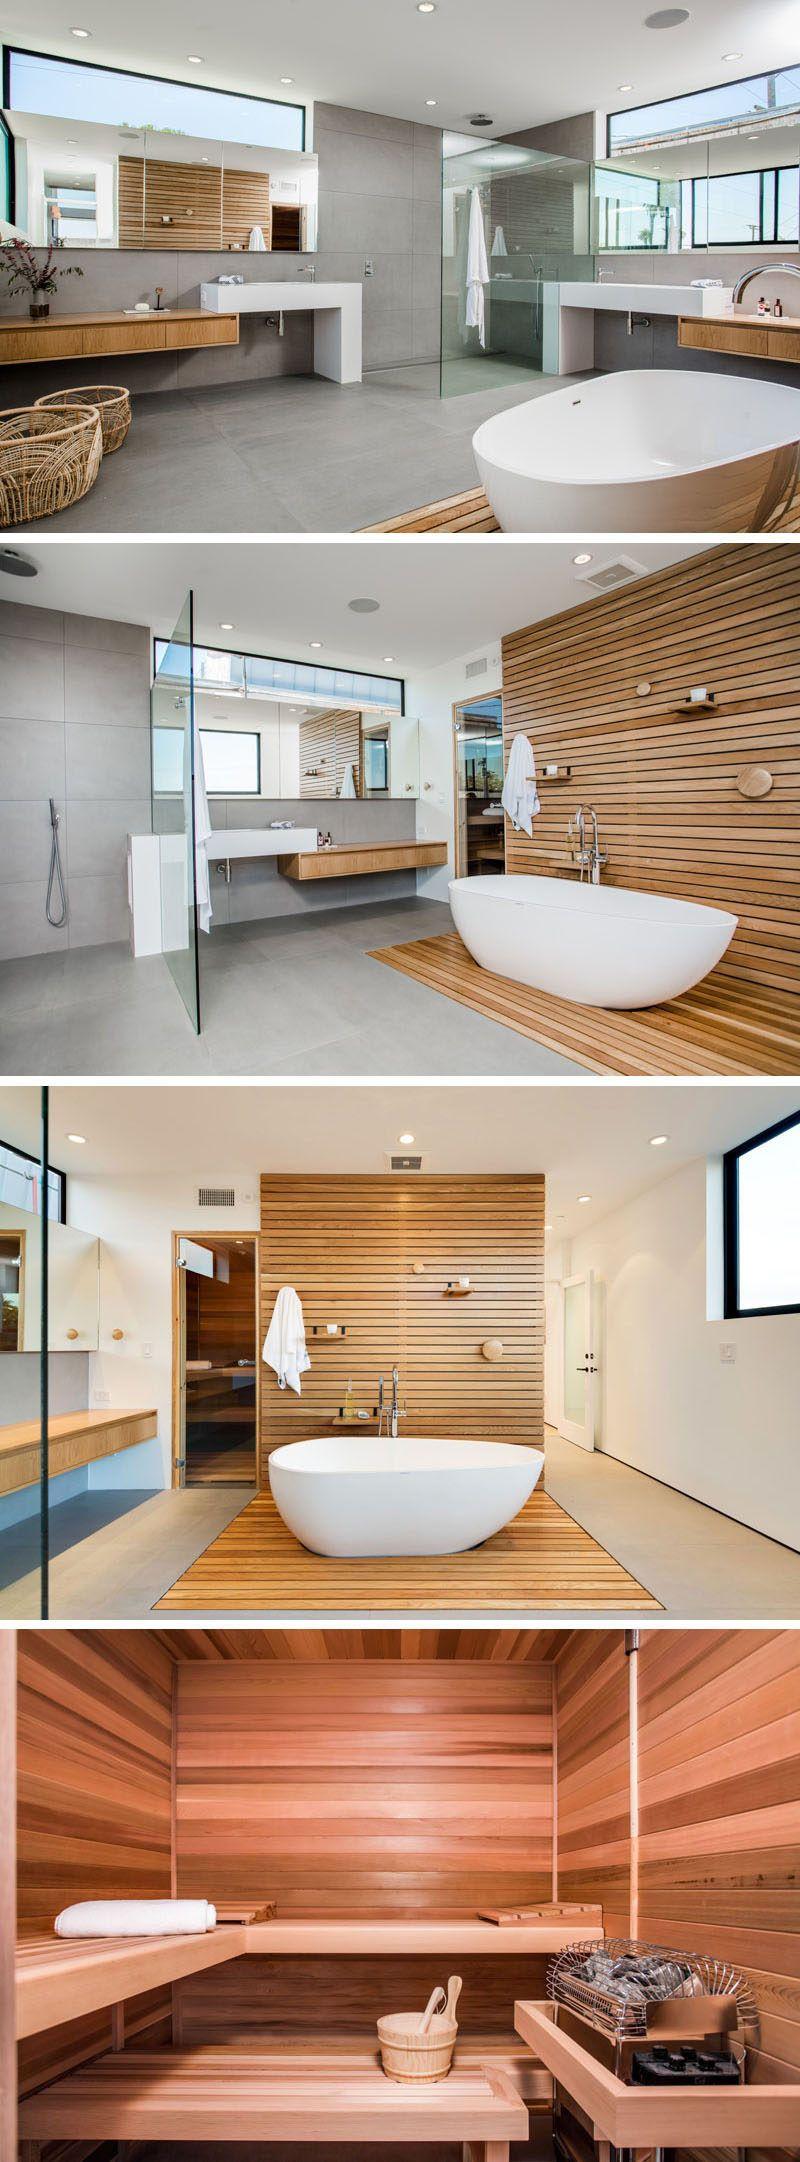 Bathroom Design Idea   Create A Spa Like Bathroom At Home // Include A